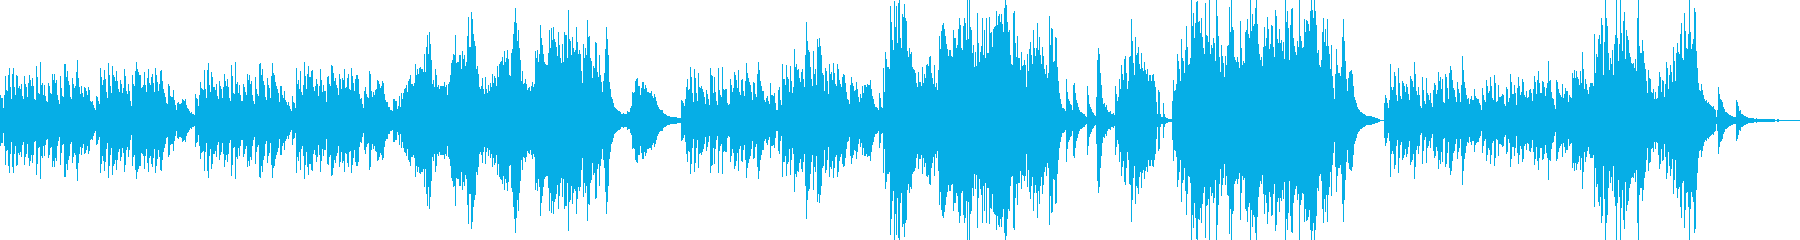 ランゲの人気曲、Blumenliedですの再生済みの波形